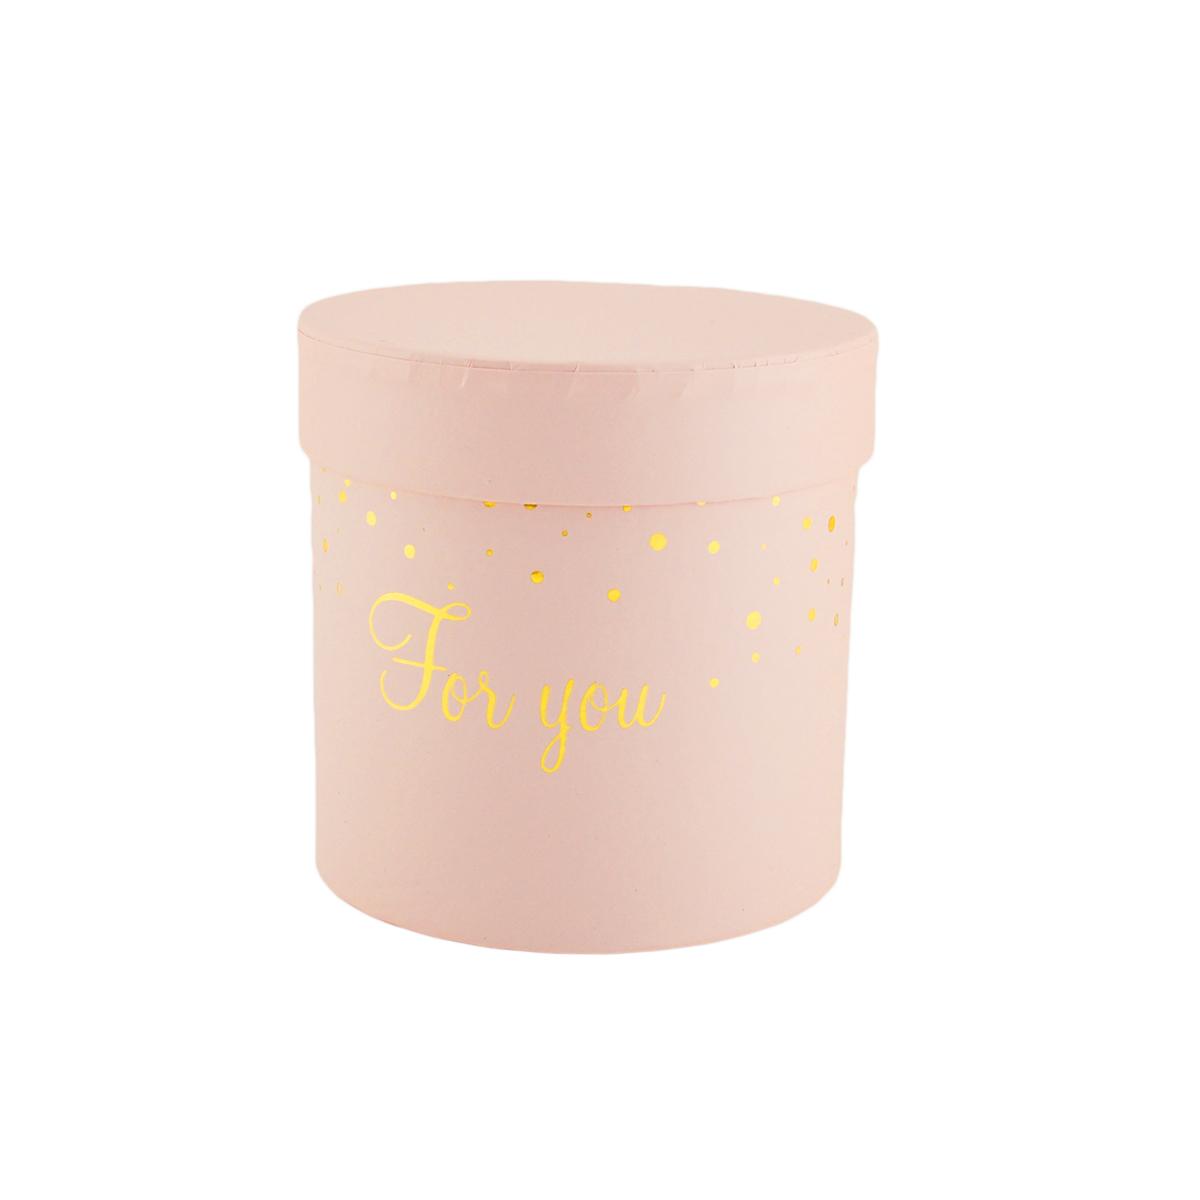 Ambalaje Flori ONLINE vinde Cutie cilindrica fara manere for you frez la pretul de 8.9 lei